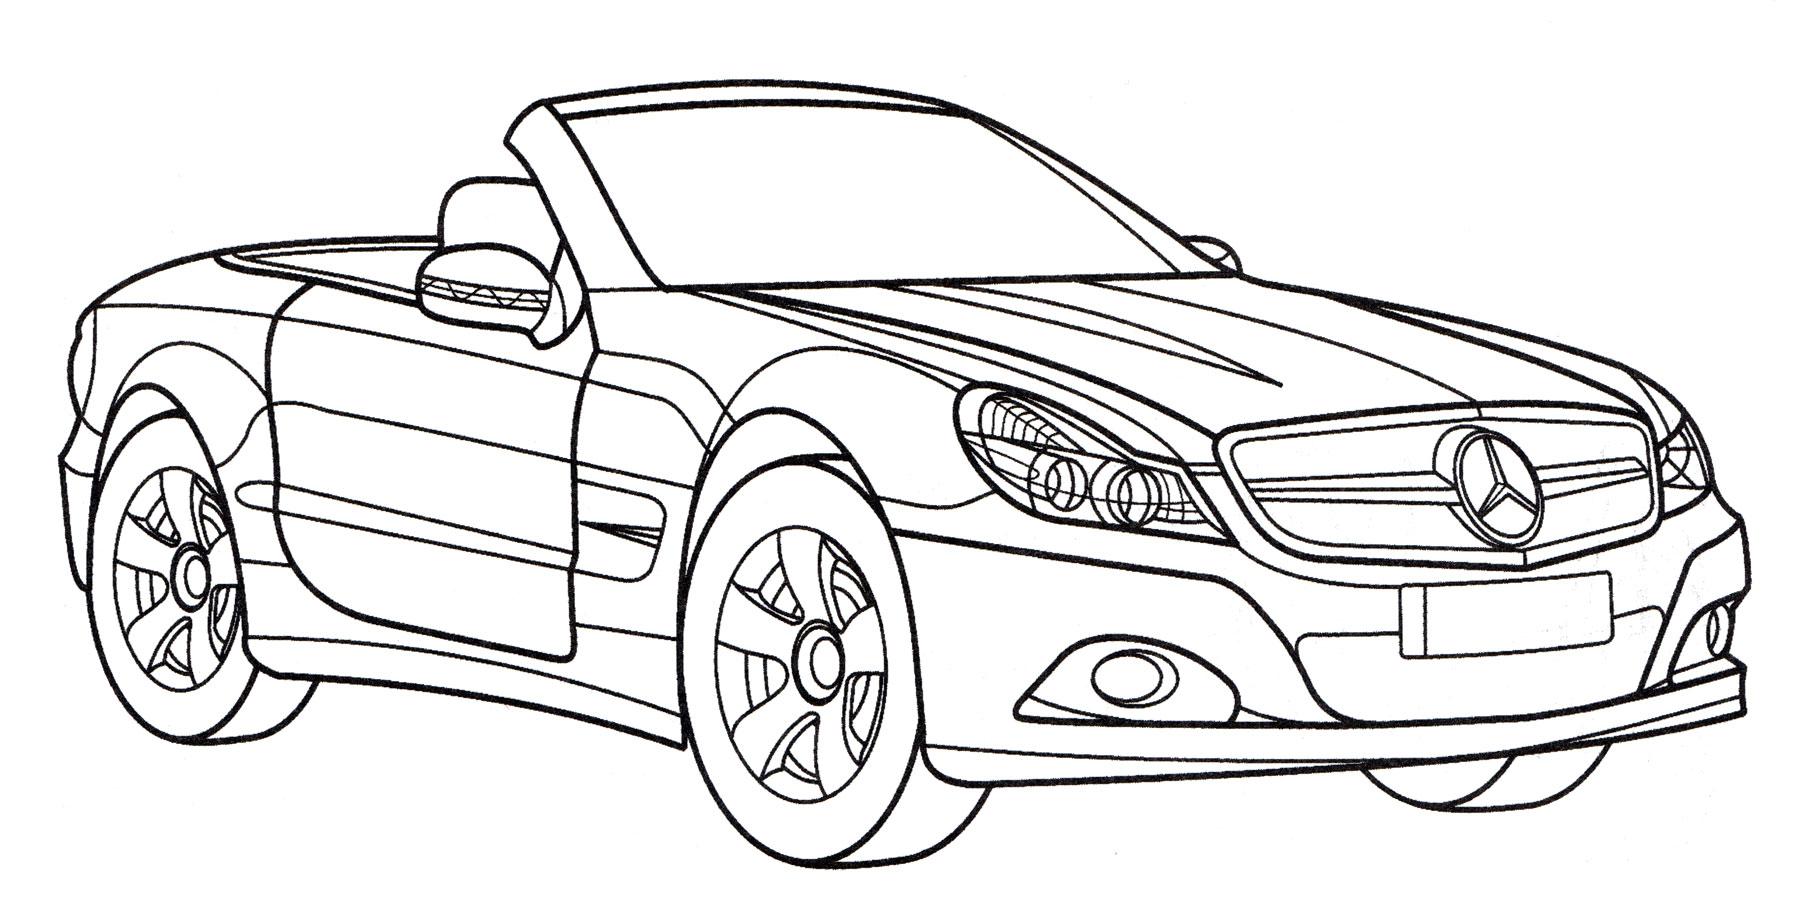 Раскраска Mercedes SL 500 - распечатать бесплатно